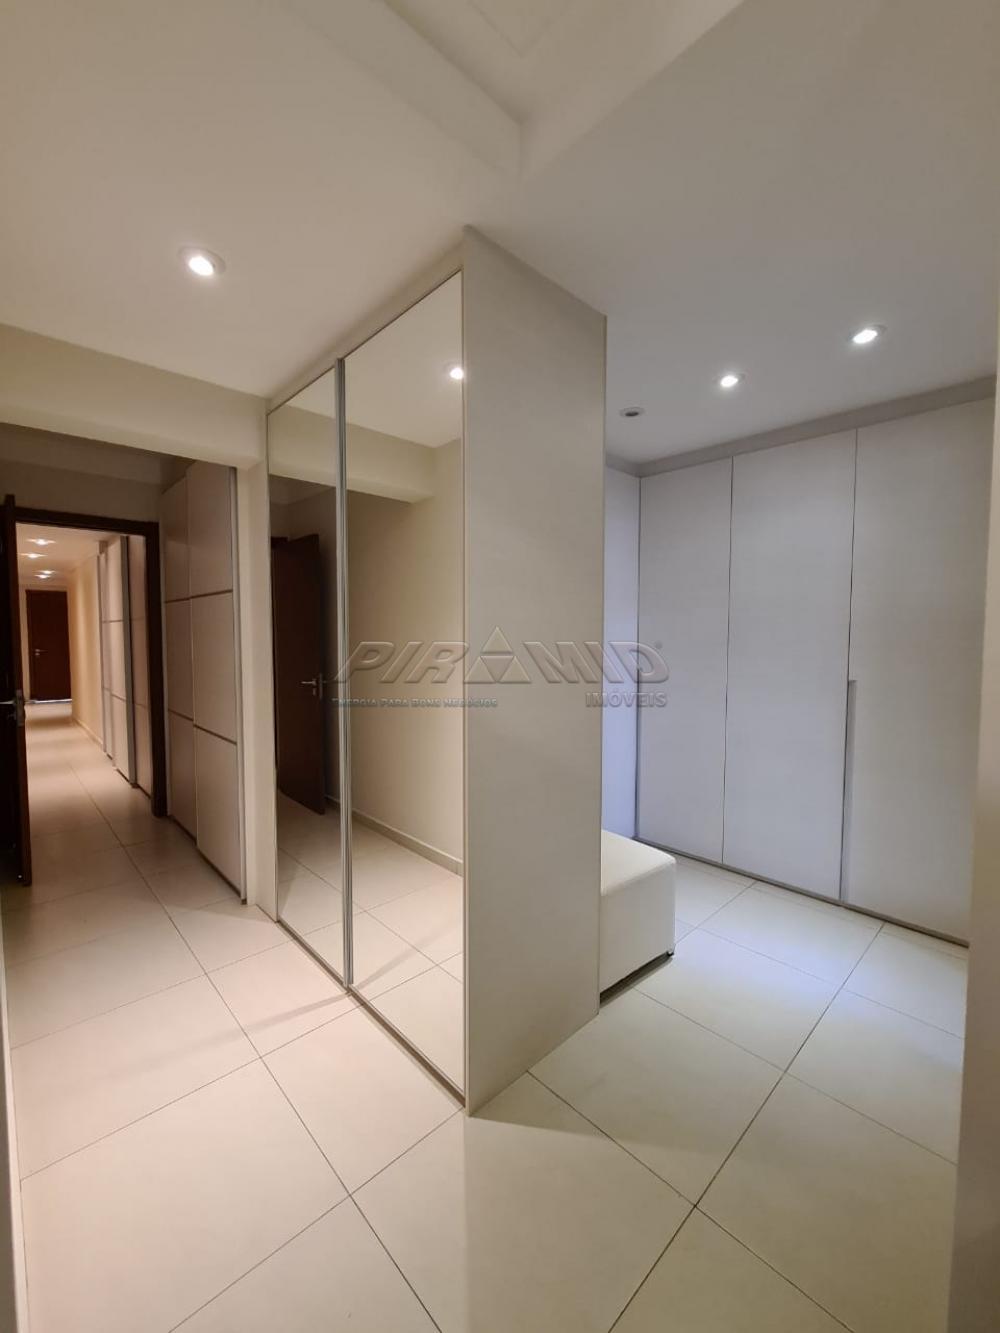 Alugar Apartamento / Padrão em Ribeirão Preto R$ 8.000,00 - Foto 23